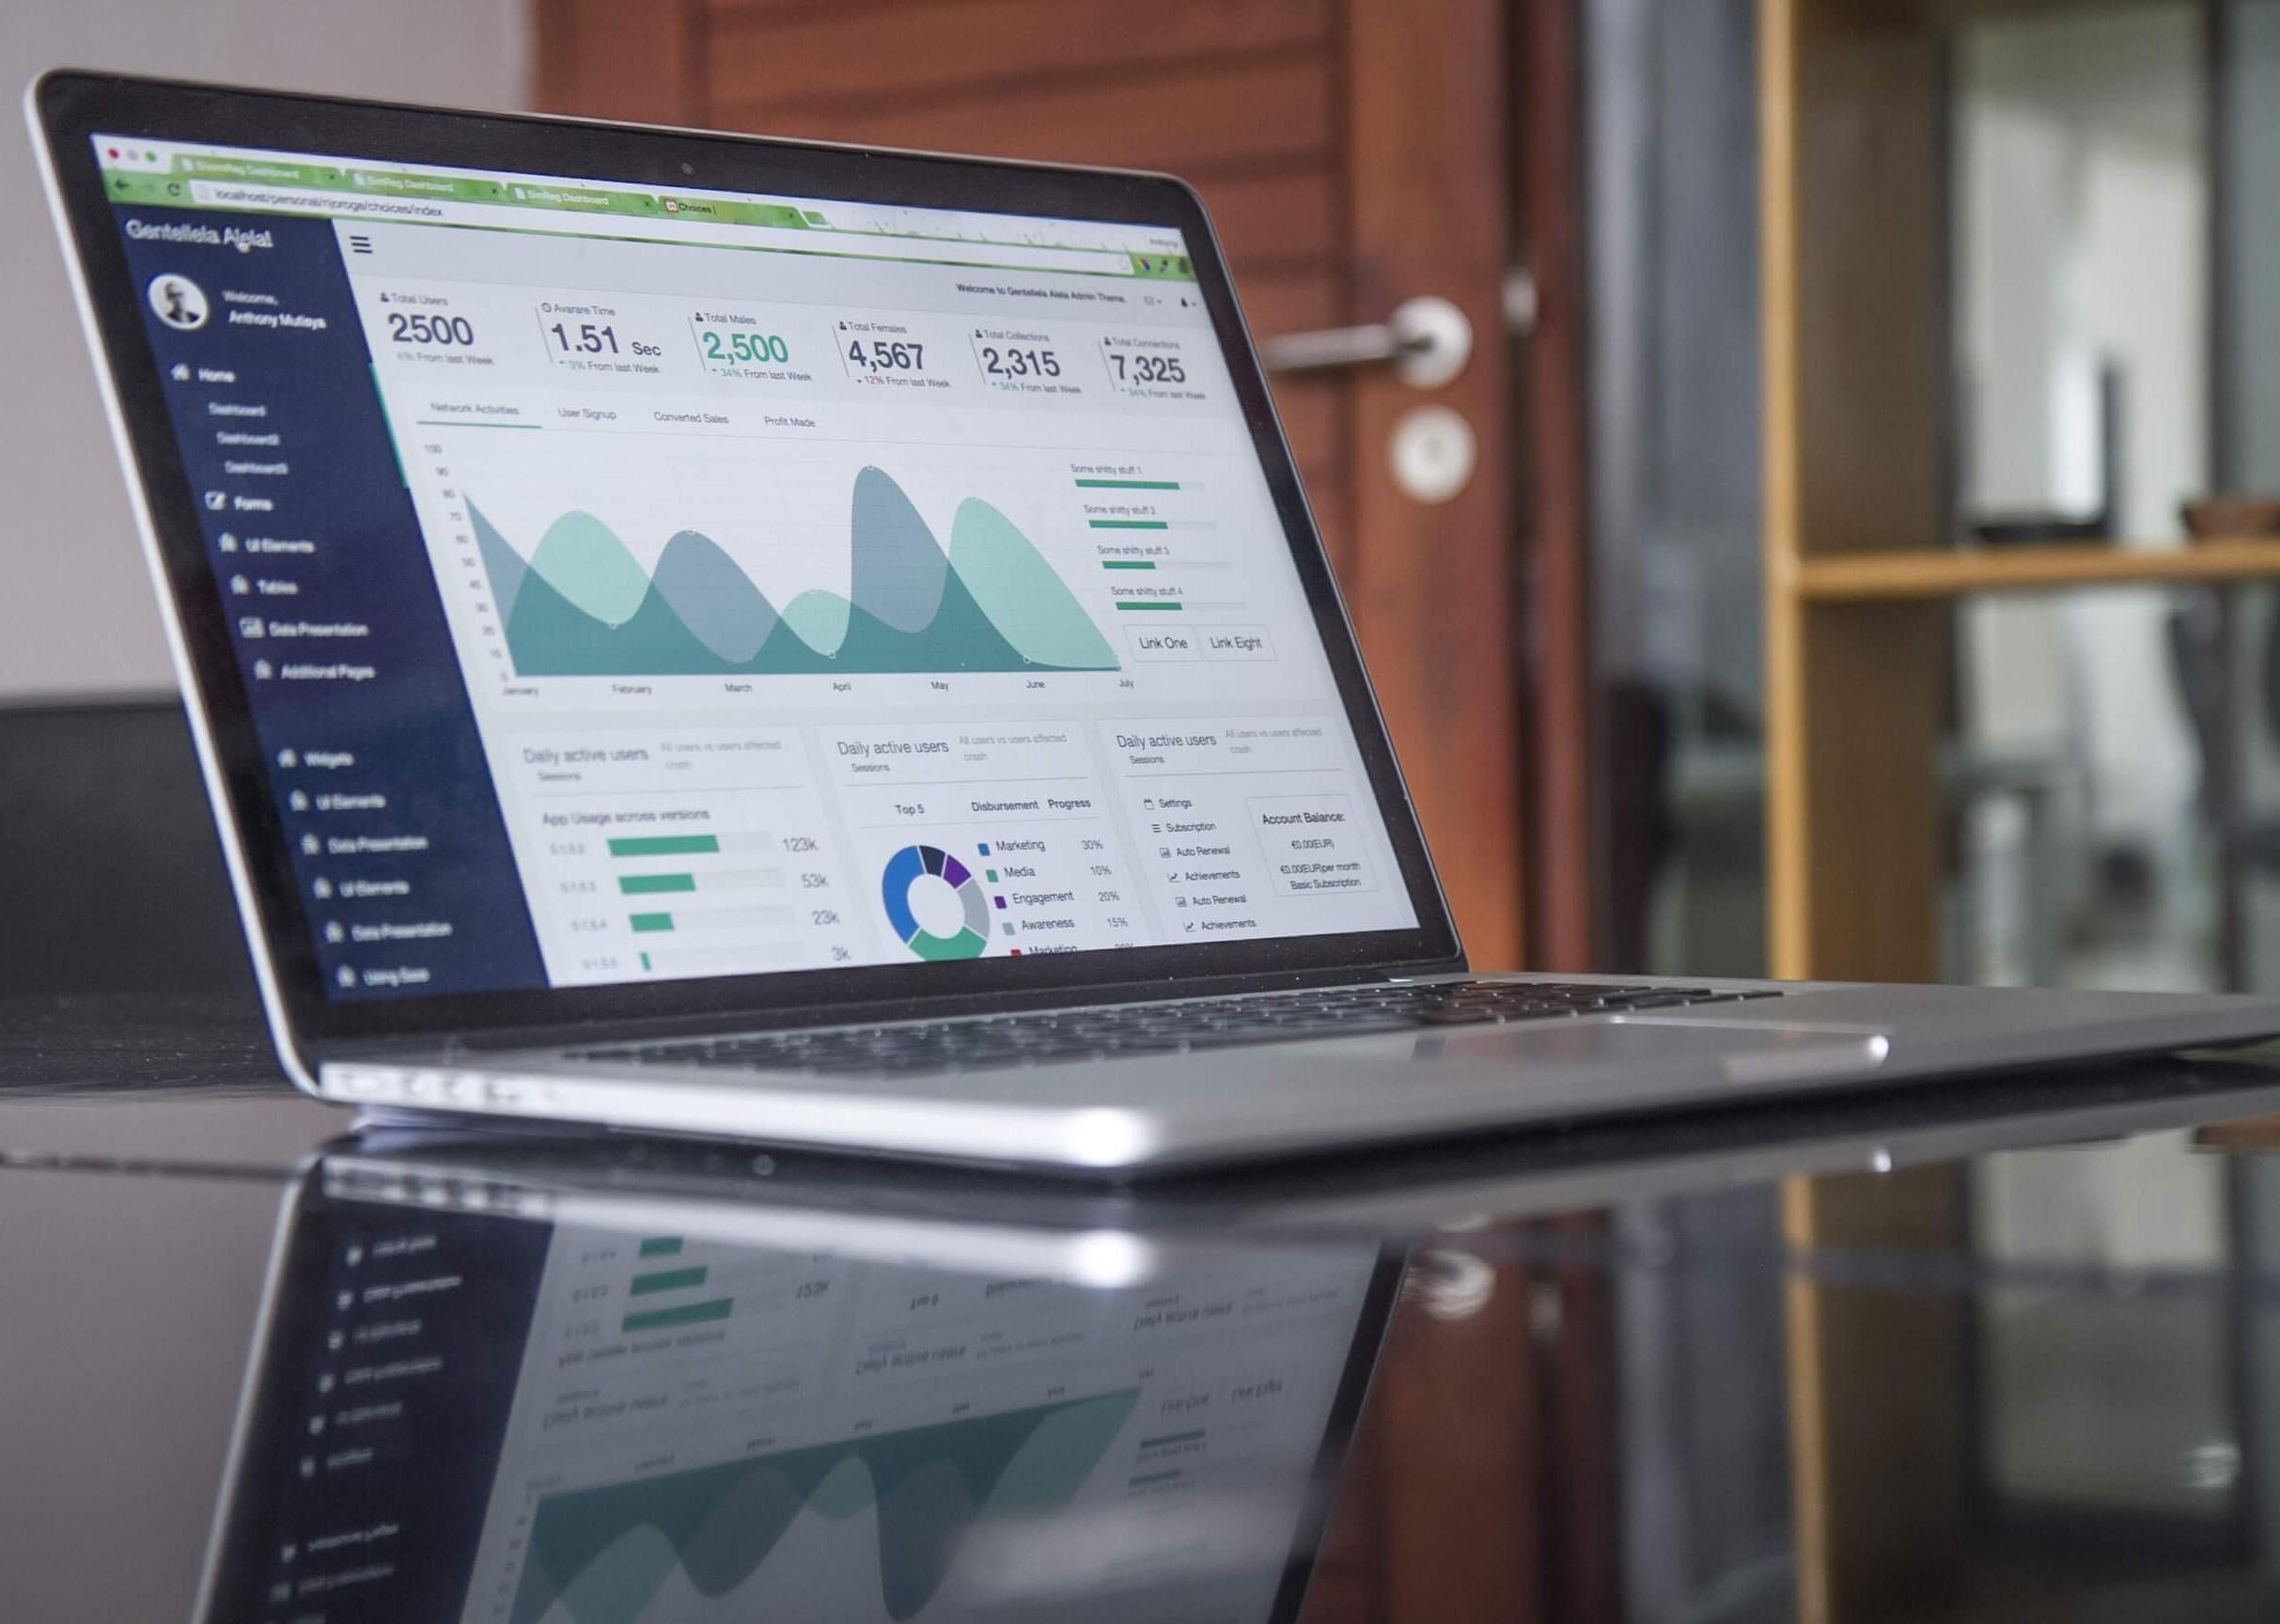 Как построить свой бизнес и получить миллион за месяц с нуля: 7 реальных шагов